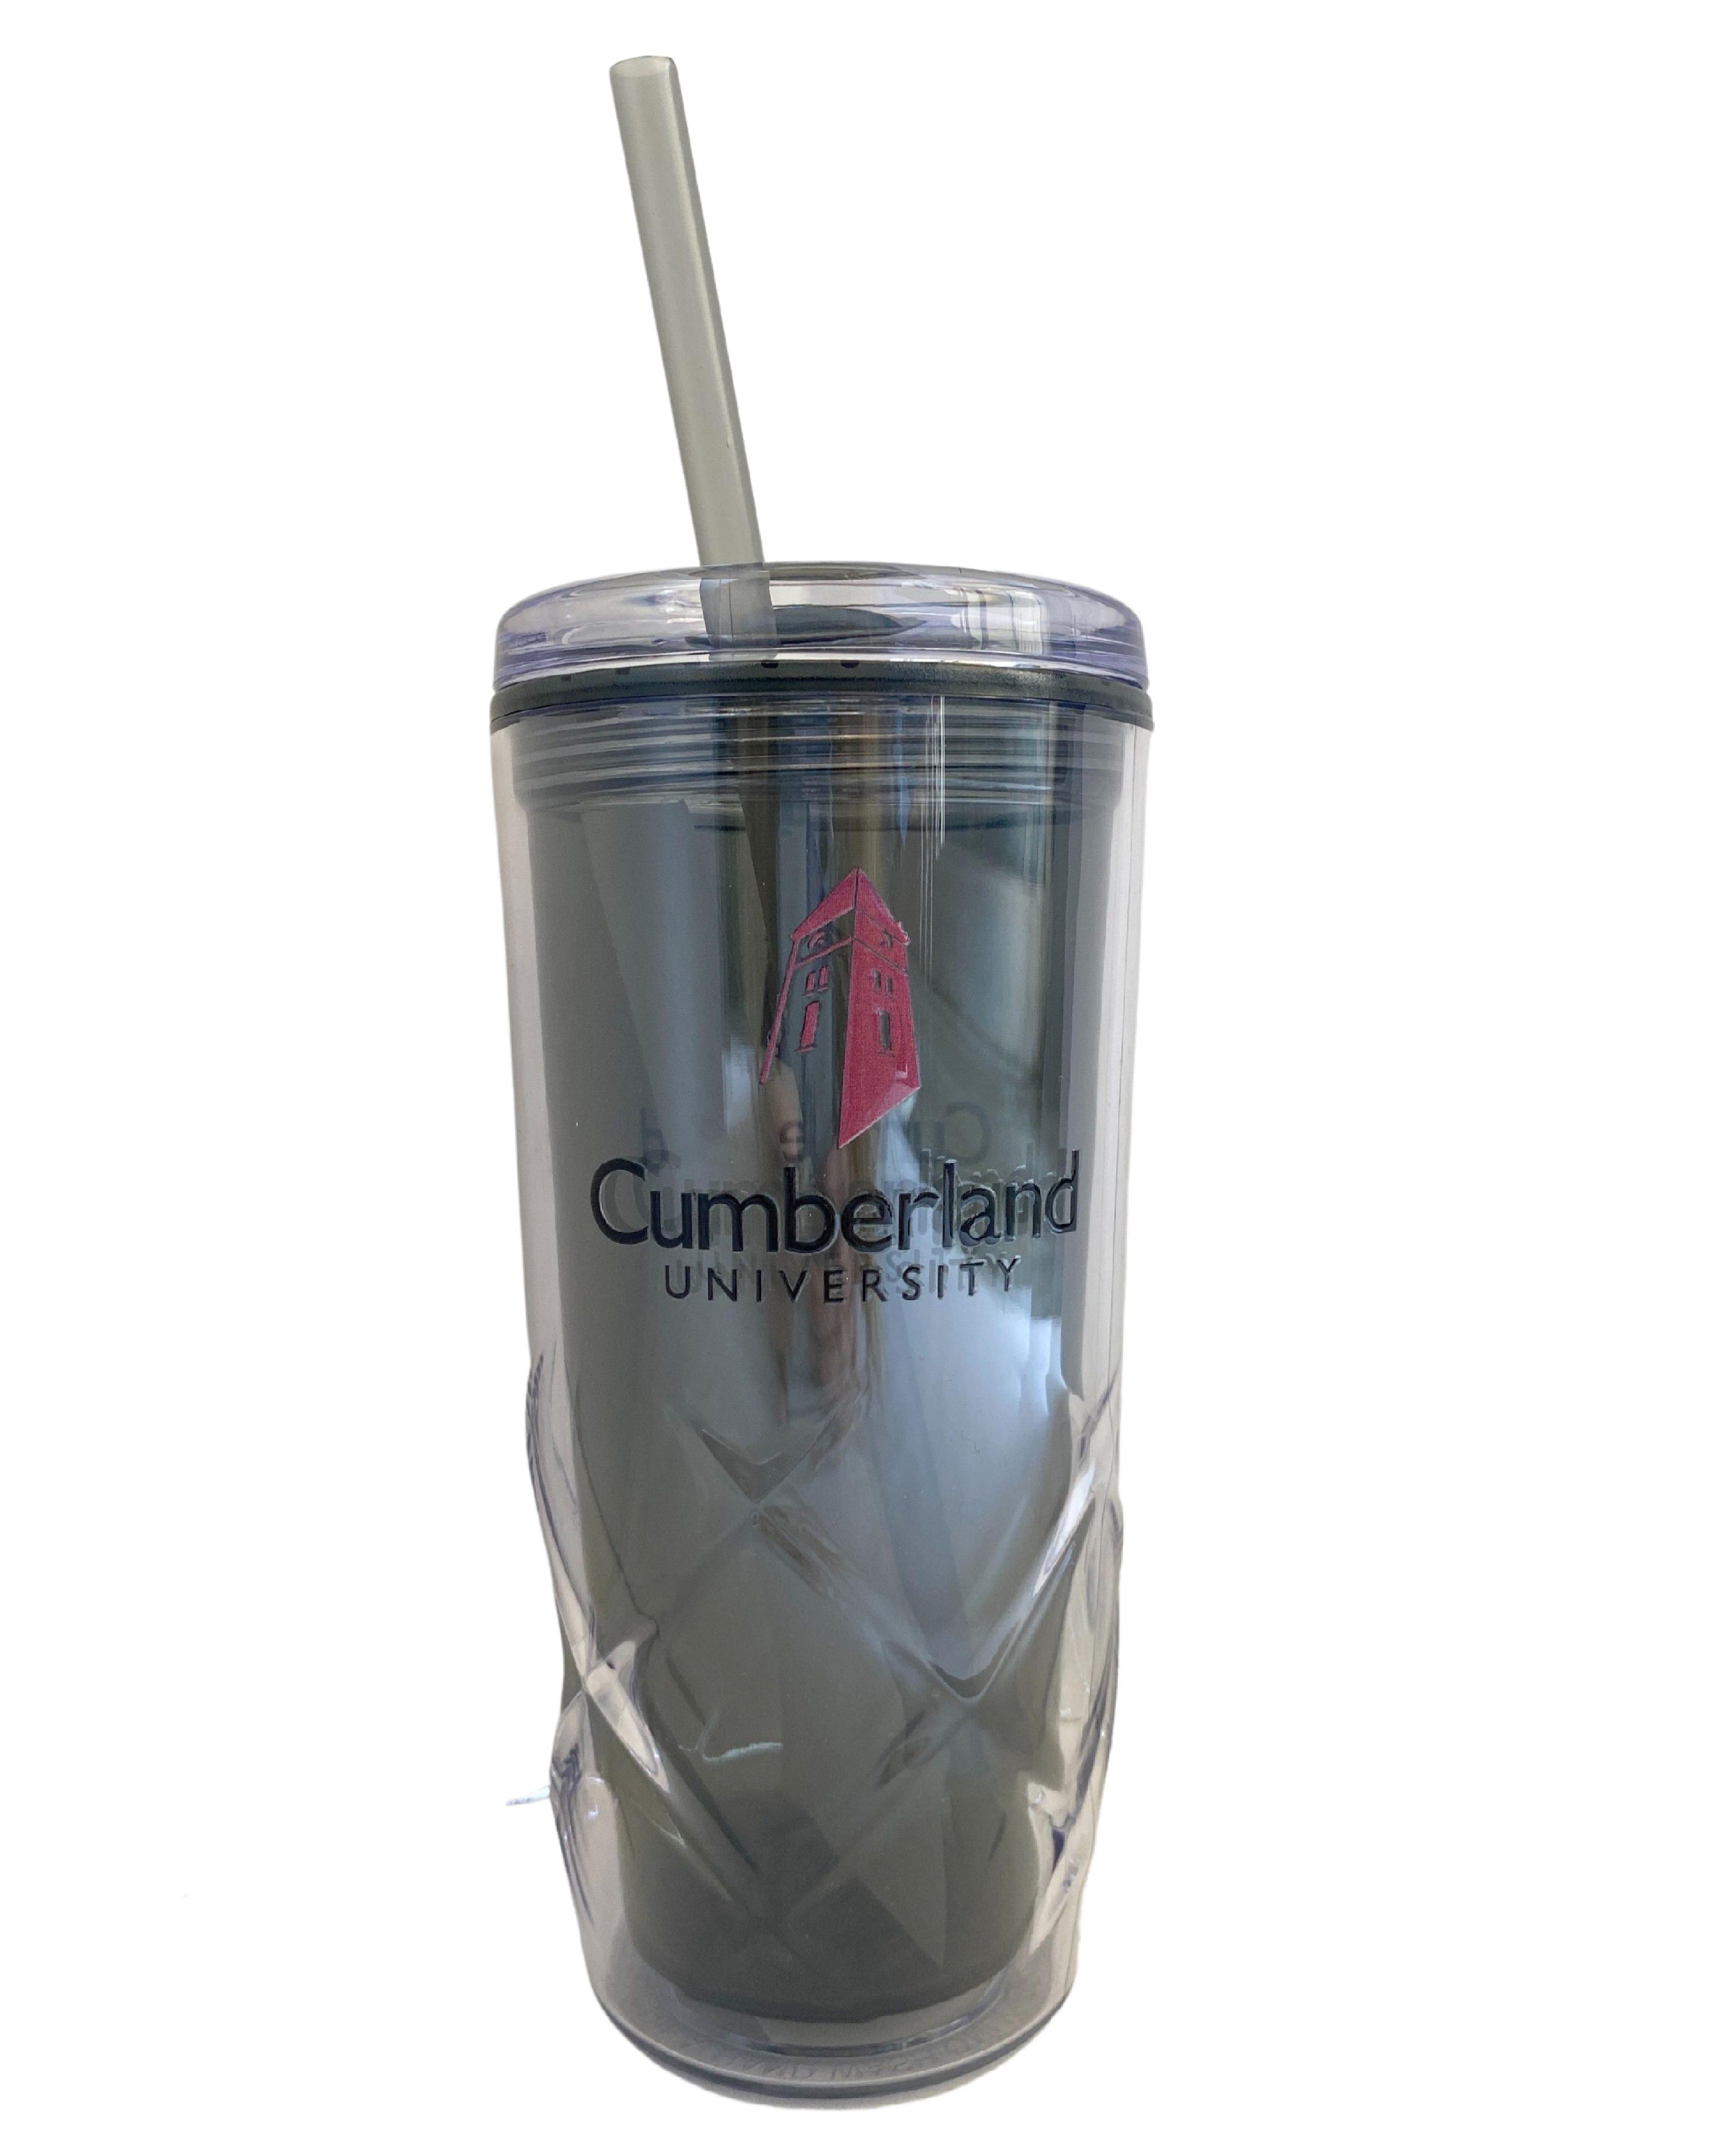 Cumberland University Simplex Tumbler